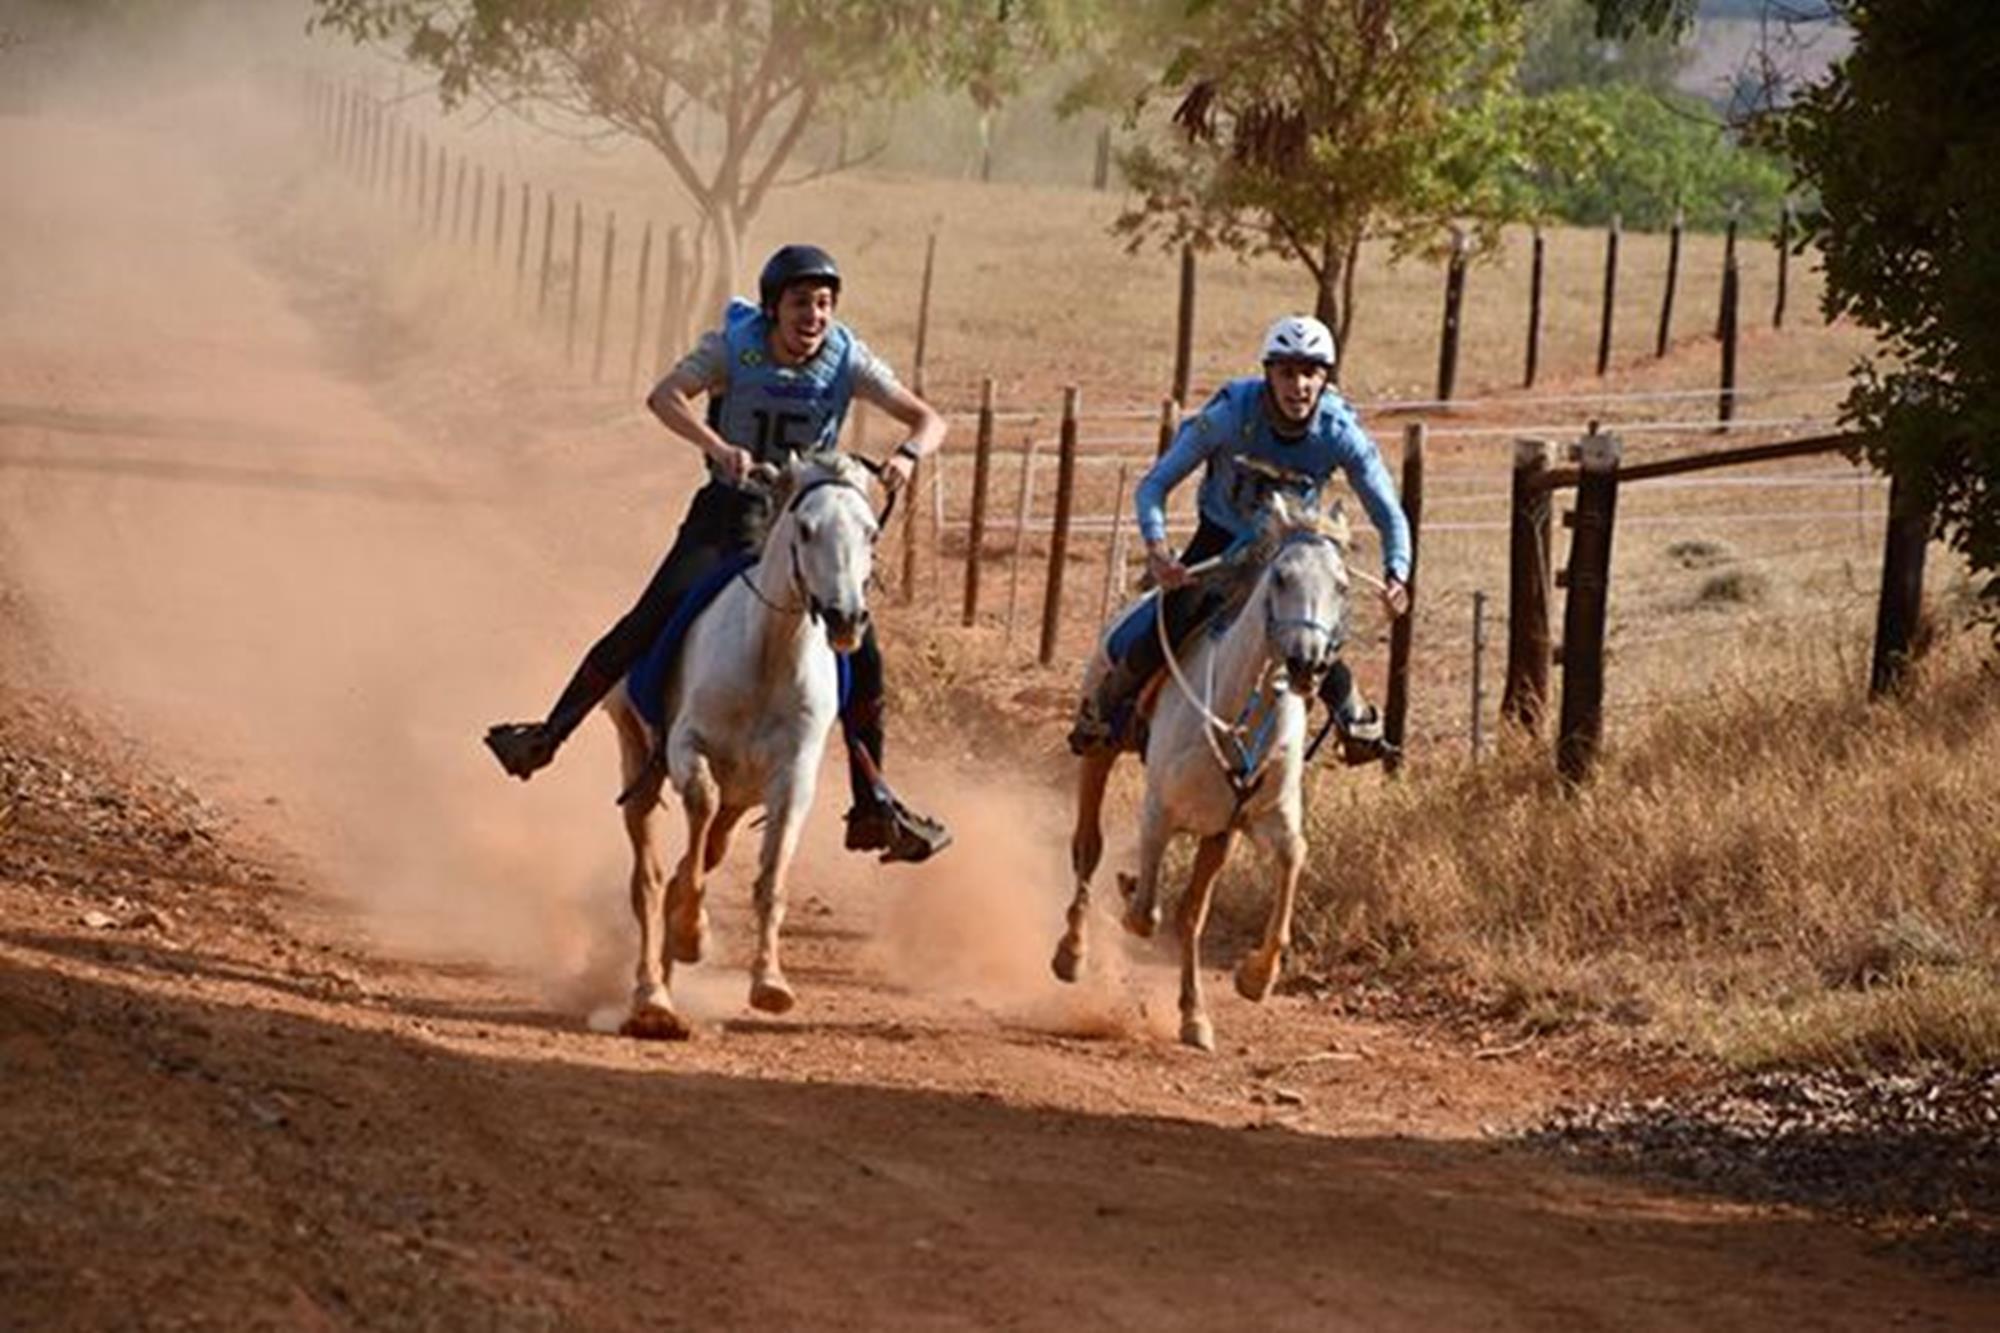 João Pedro Antocheski (esquerda) e Diogo Martins (direita) em sprint na busca pela vitória, Enduro,  cavalo Árabe,  campeonato brasileiro,  CBH,  Rodrigo Barreto, Divulgação, Rodrigo Barreto é o campeão brasileiro